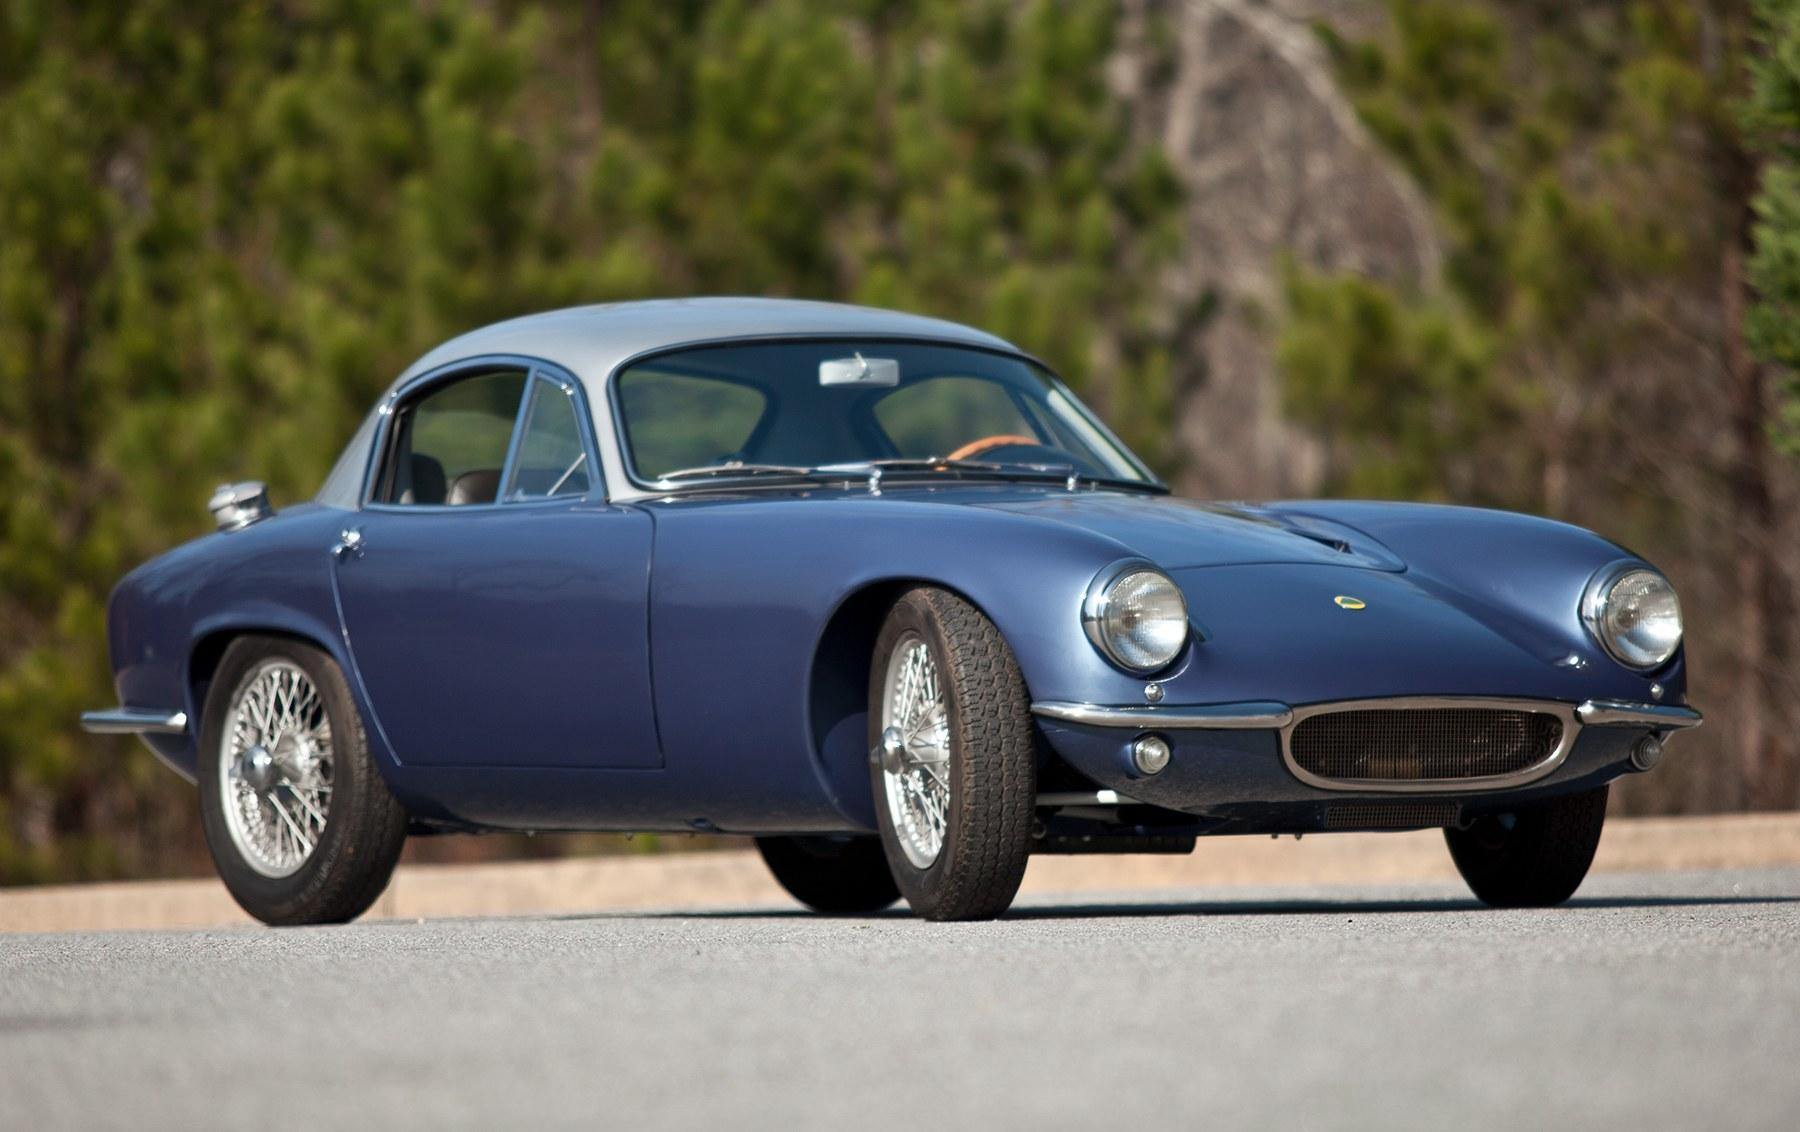 1962 Lotus Elite Super 95